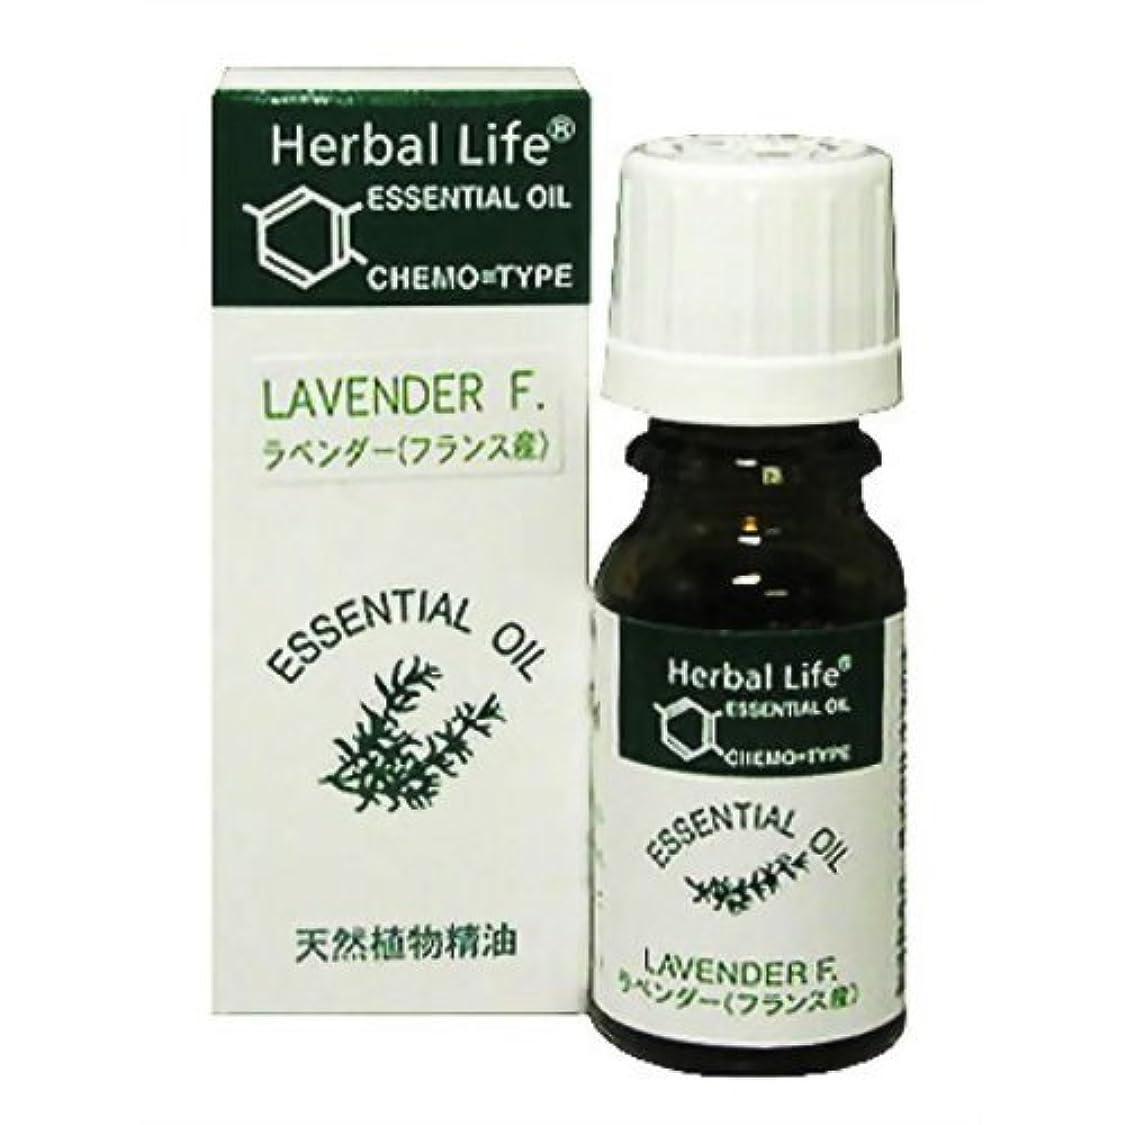 パンチ慣れている感度Herbal Life ラベンダー 10ml